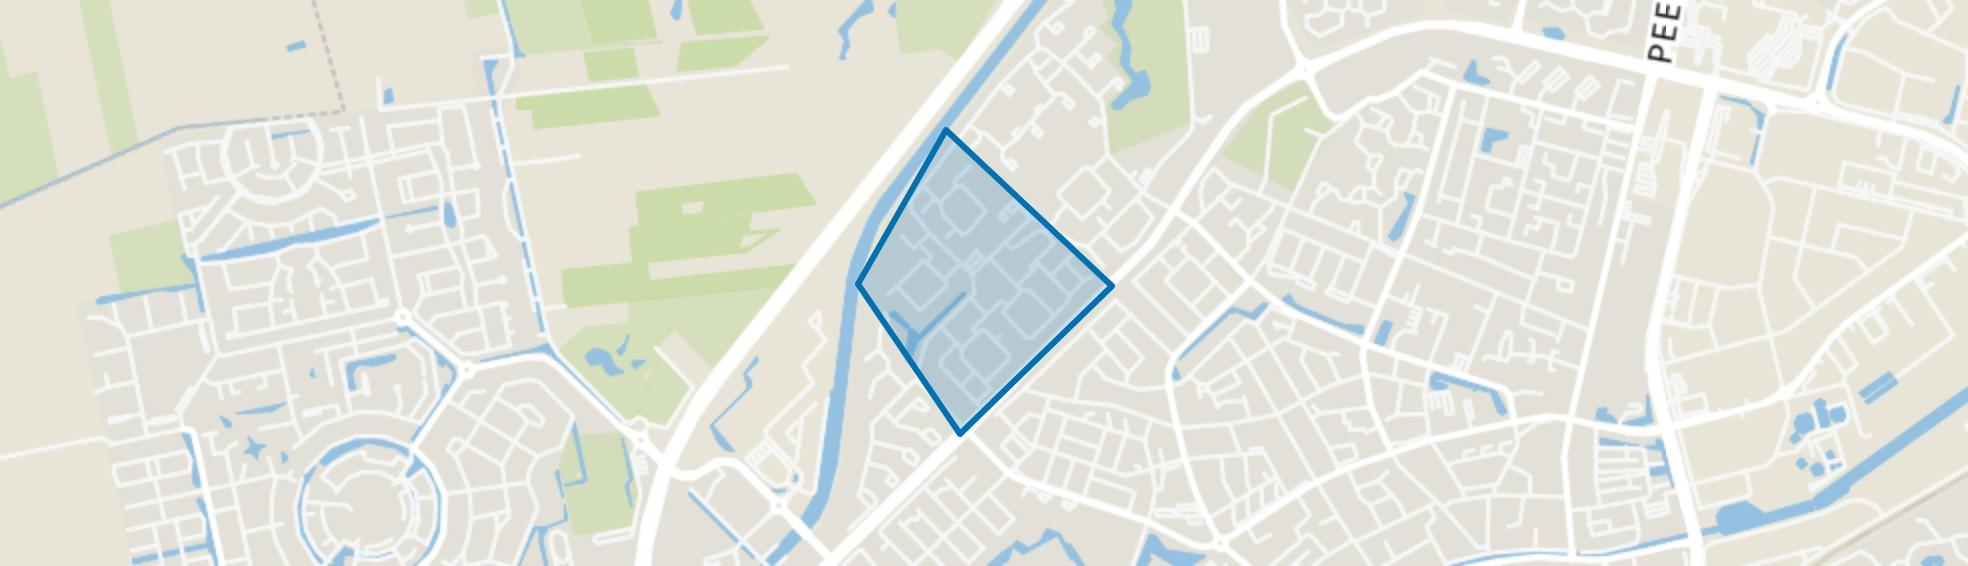 Pittelo Midden, Assen map